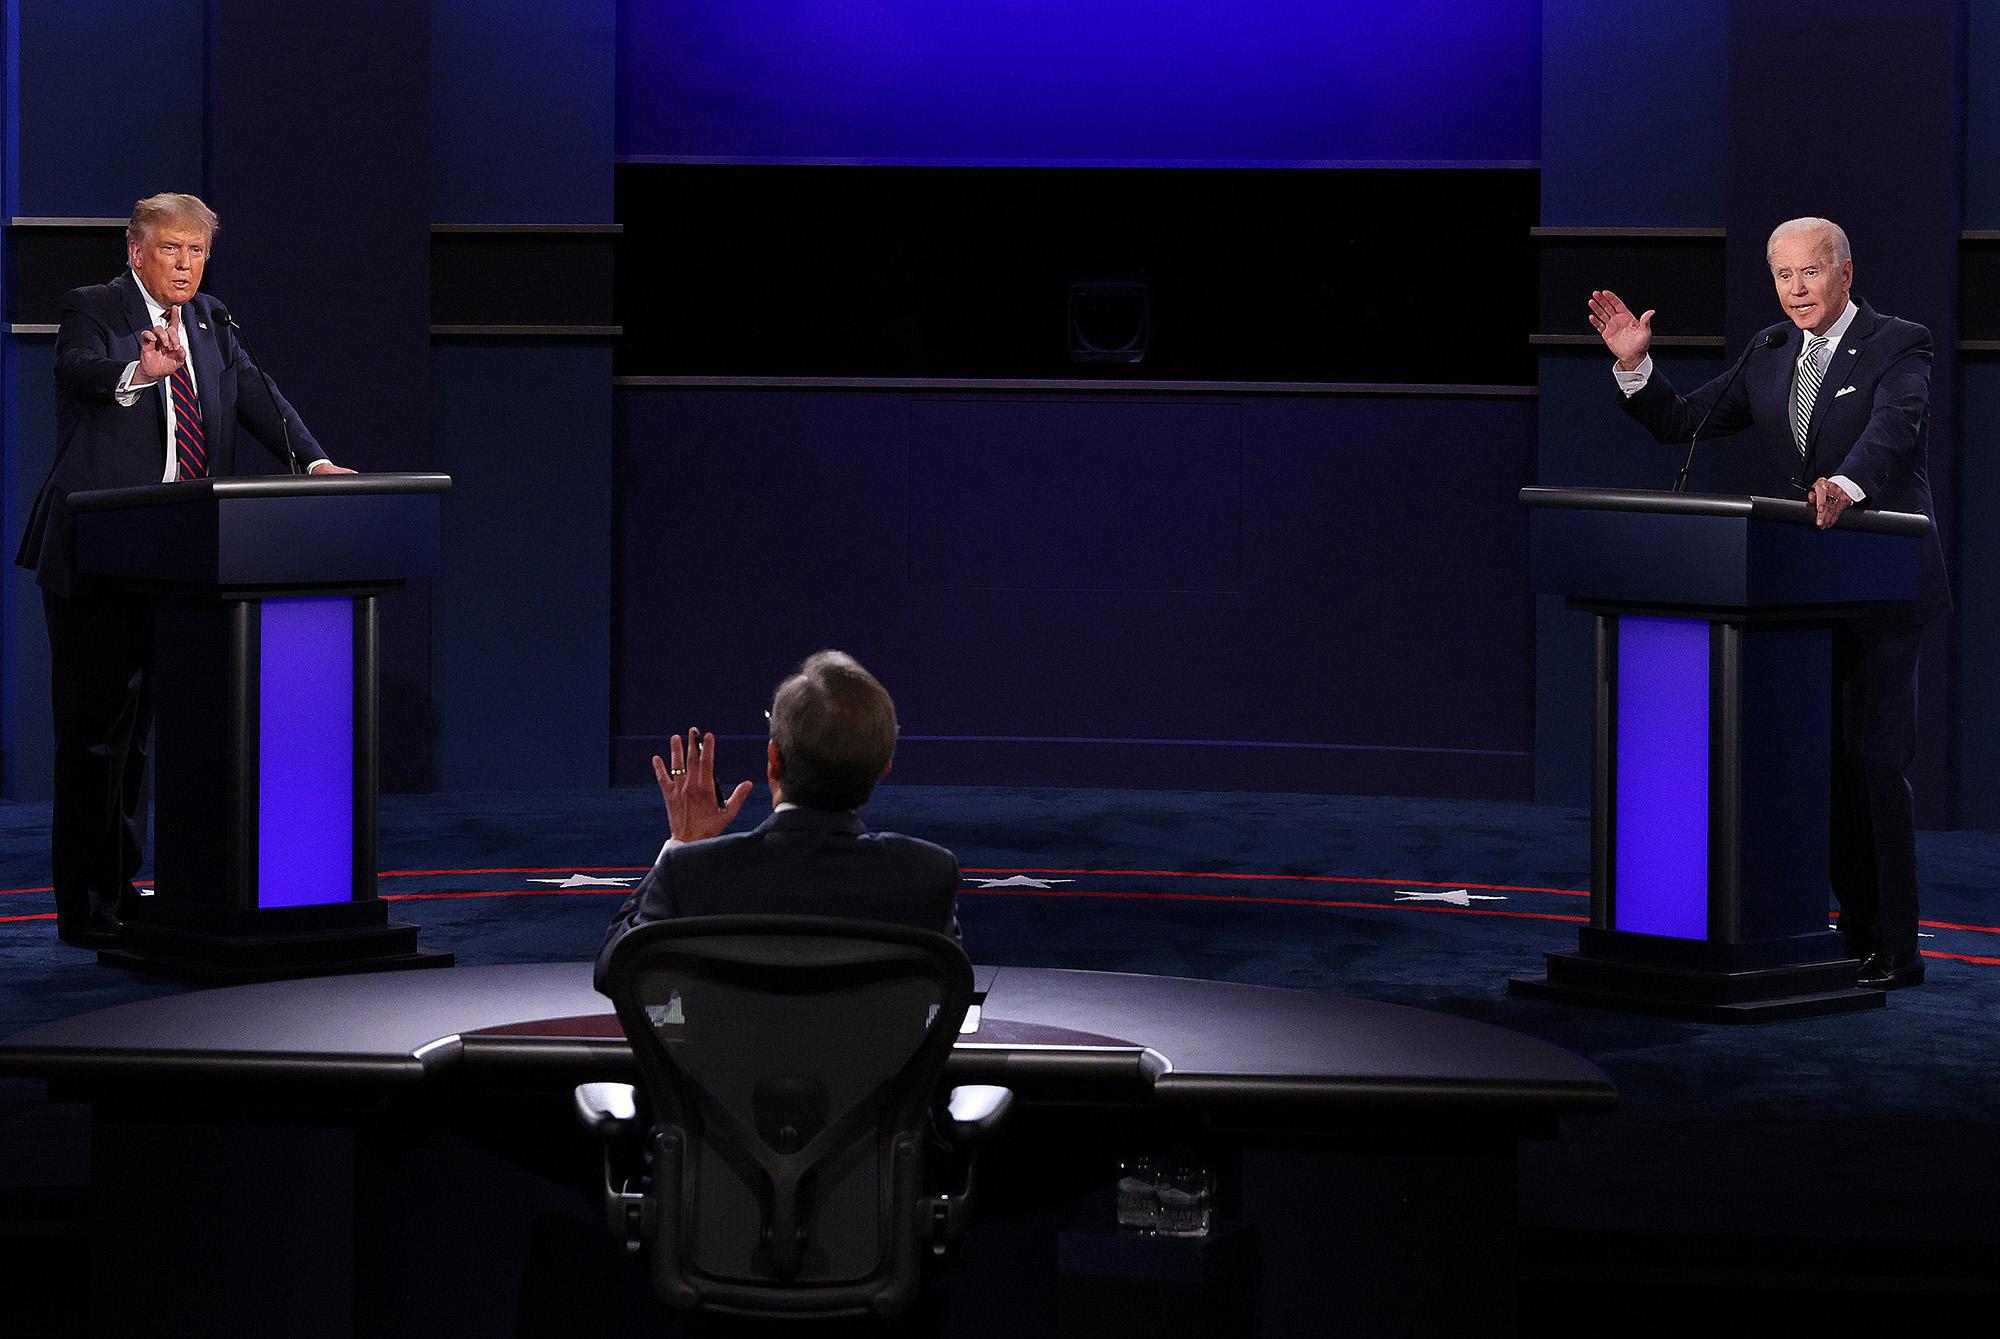 Trump és Biden vitája szeptembern 29-én (fotó: Scott Olson/Getty Images)